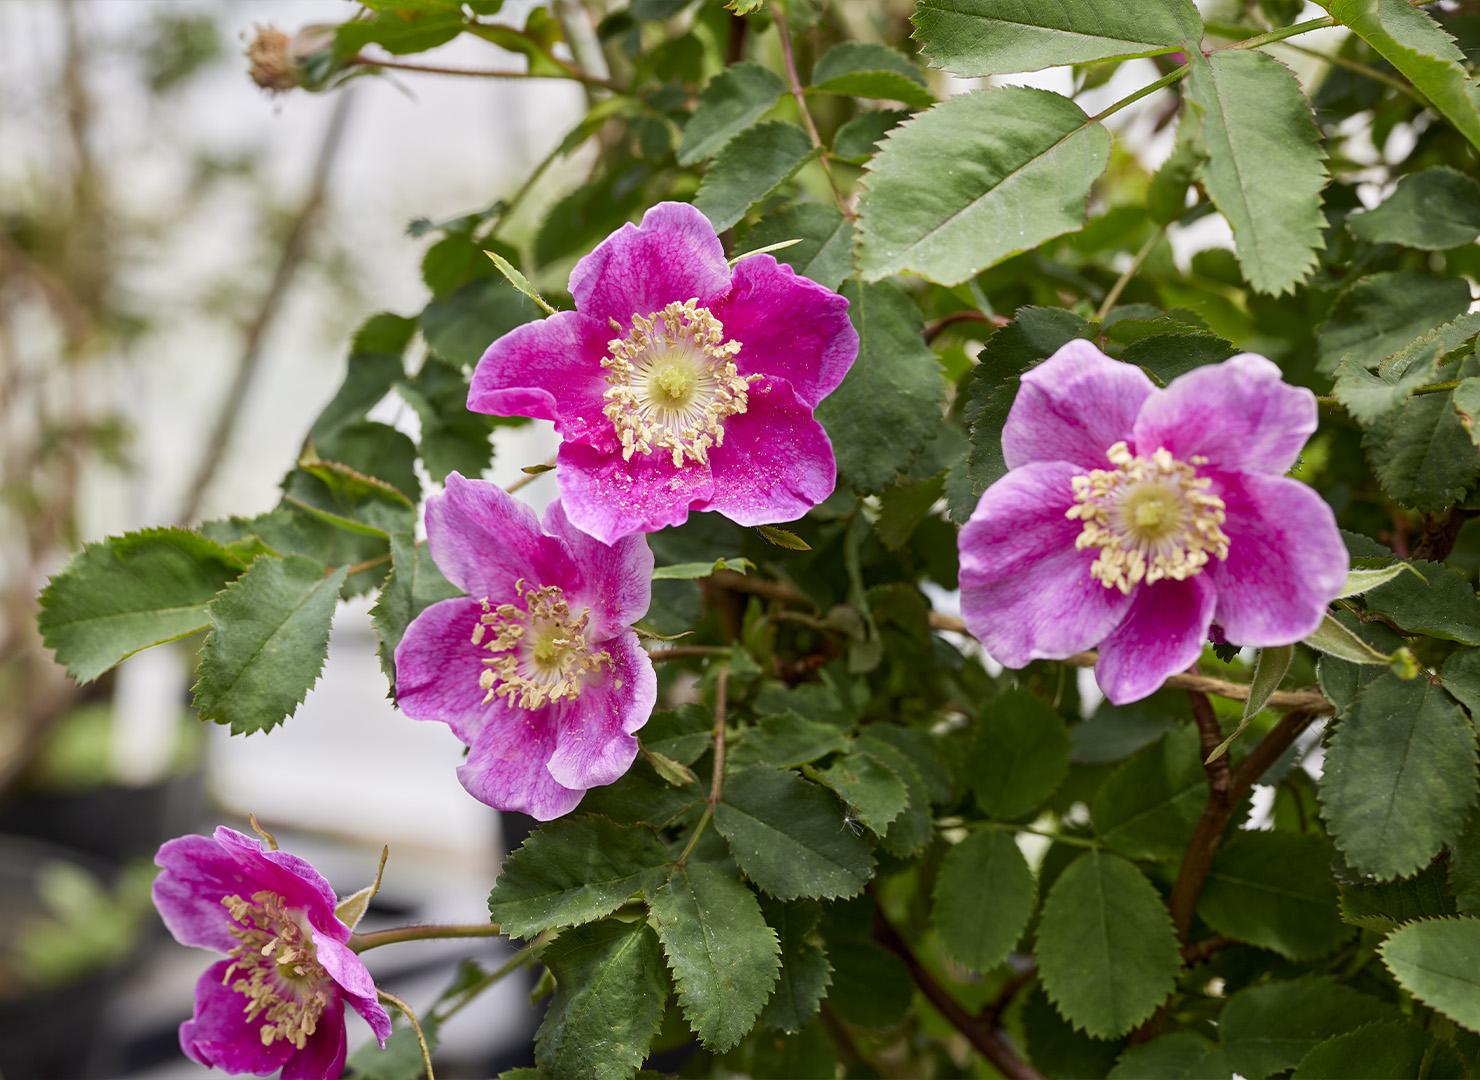 ロサ ペンデュリナ - Rosa pendulina